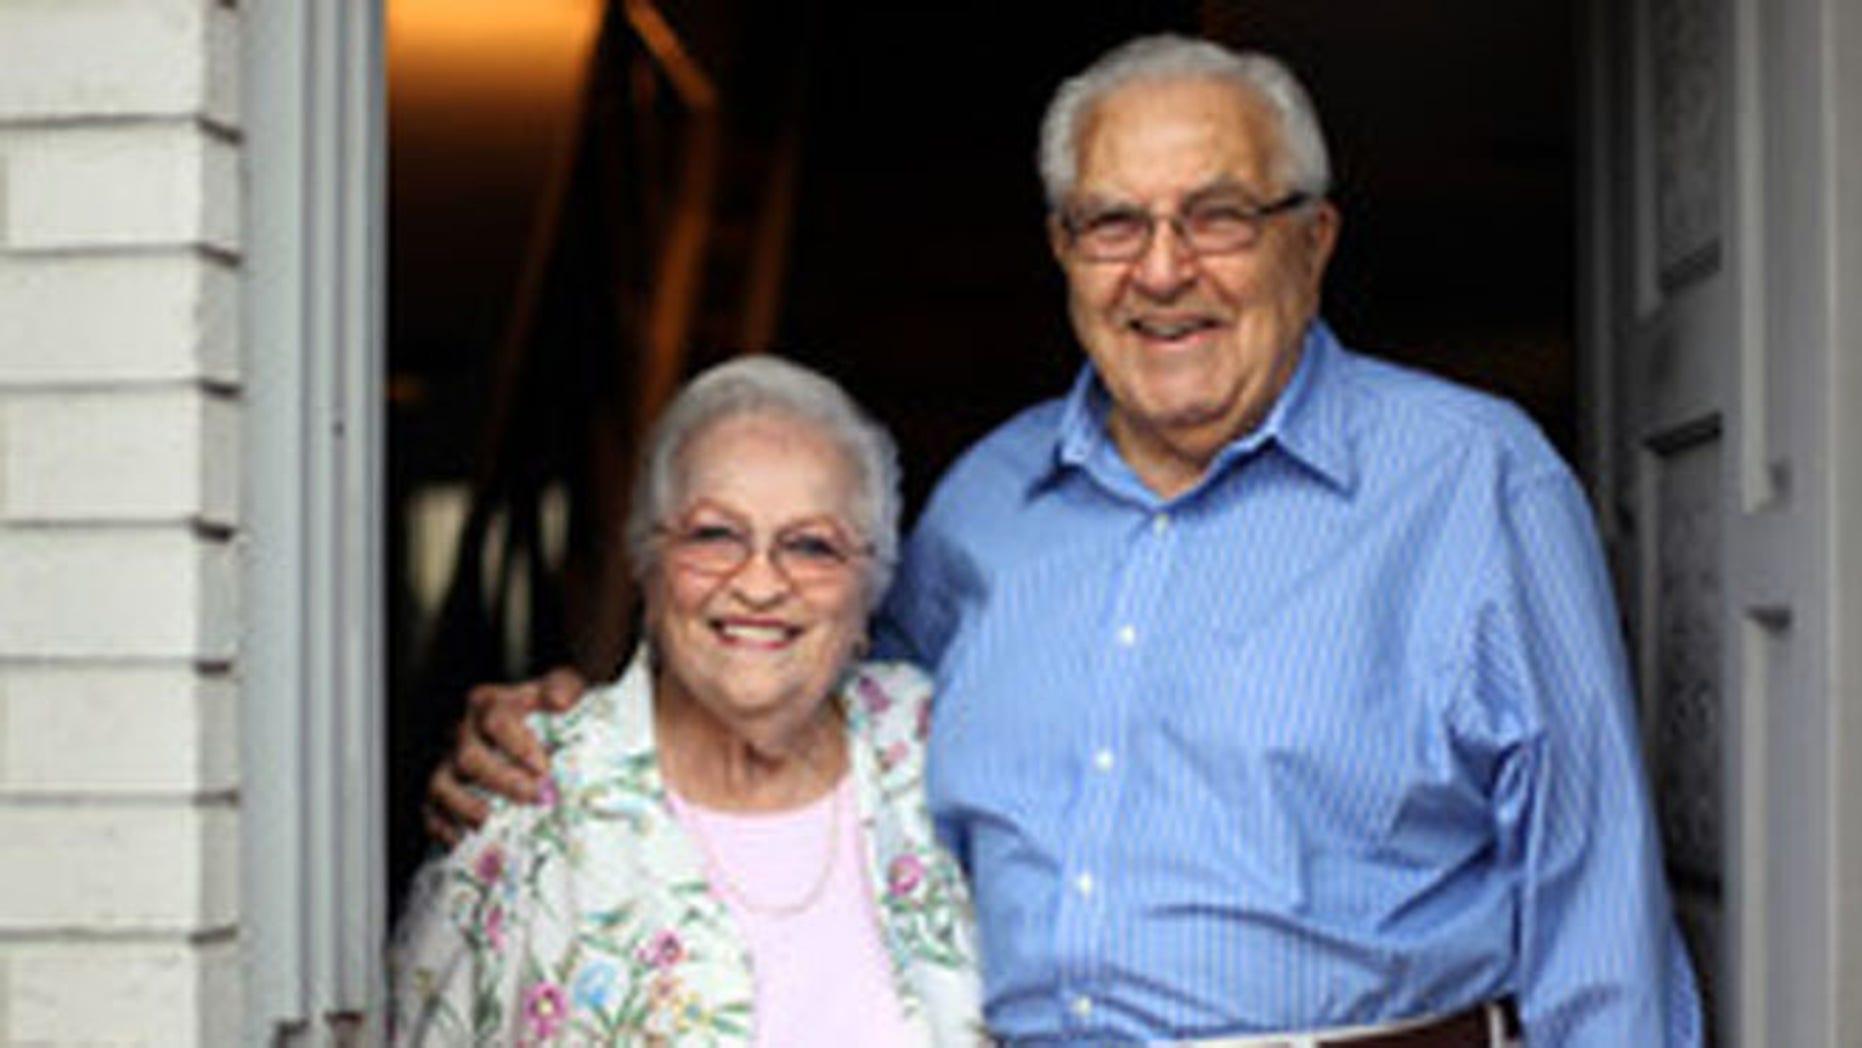 Leonard and Anne Yordon, at home last week in Daytona Beach, Fla.